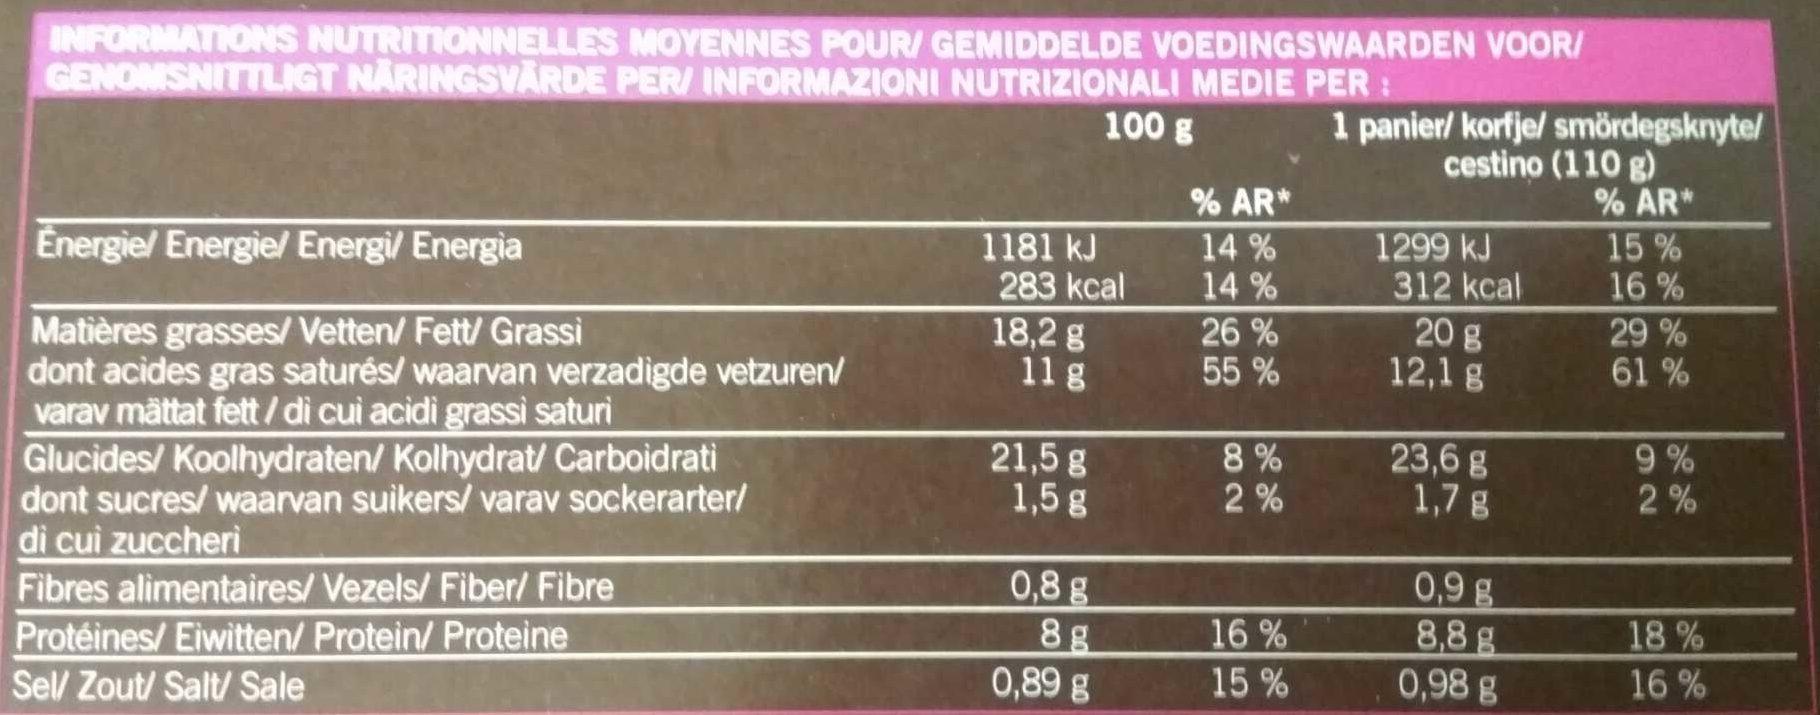 4 paniers jambon emmental - Voedigswaarden